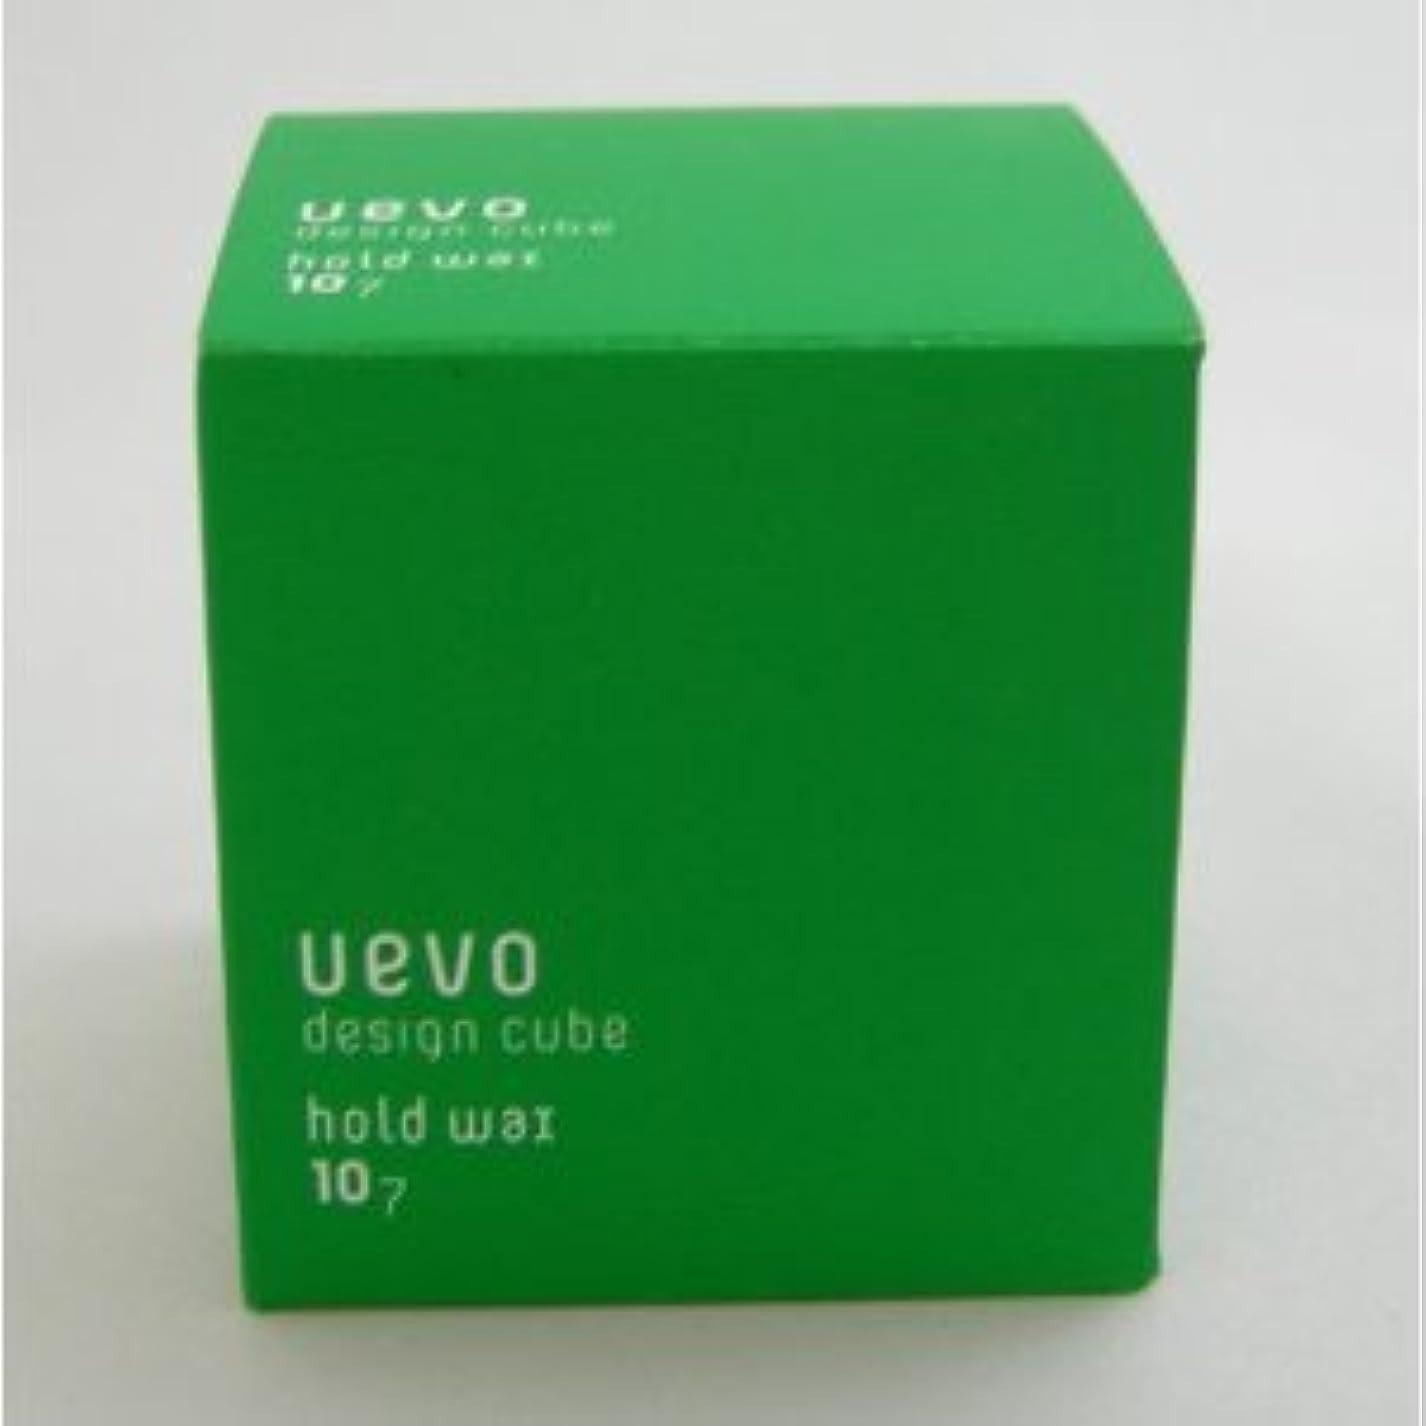 創傷エンコミウム支店【X3個セット】 デミ ウェーボ デザインキューブ ホールドワックス 80g hold wax